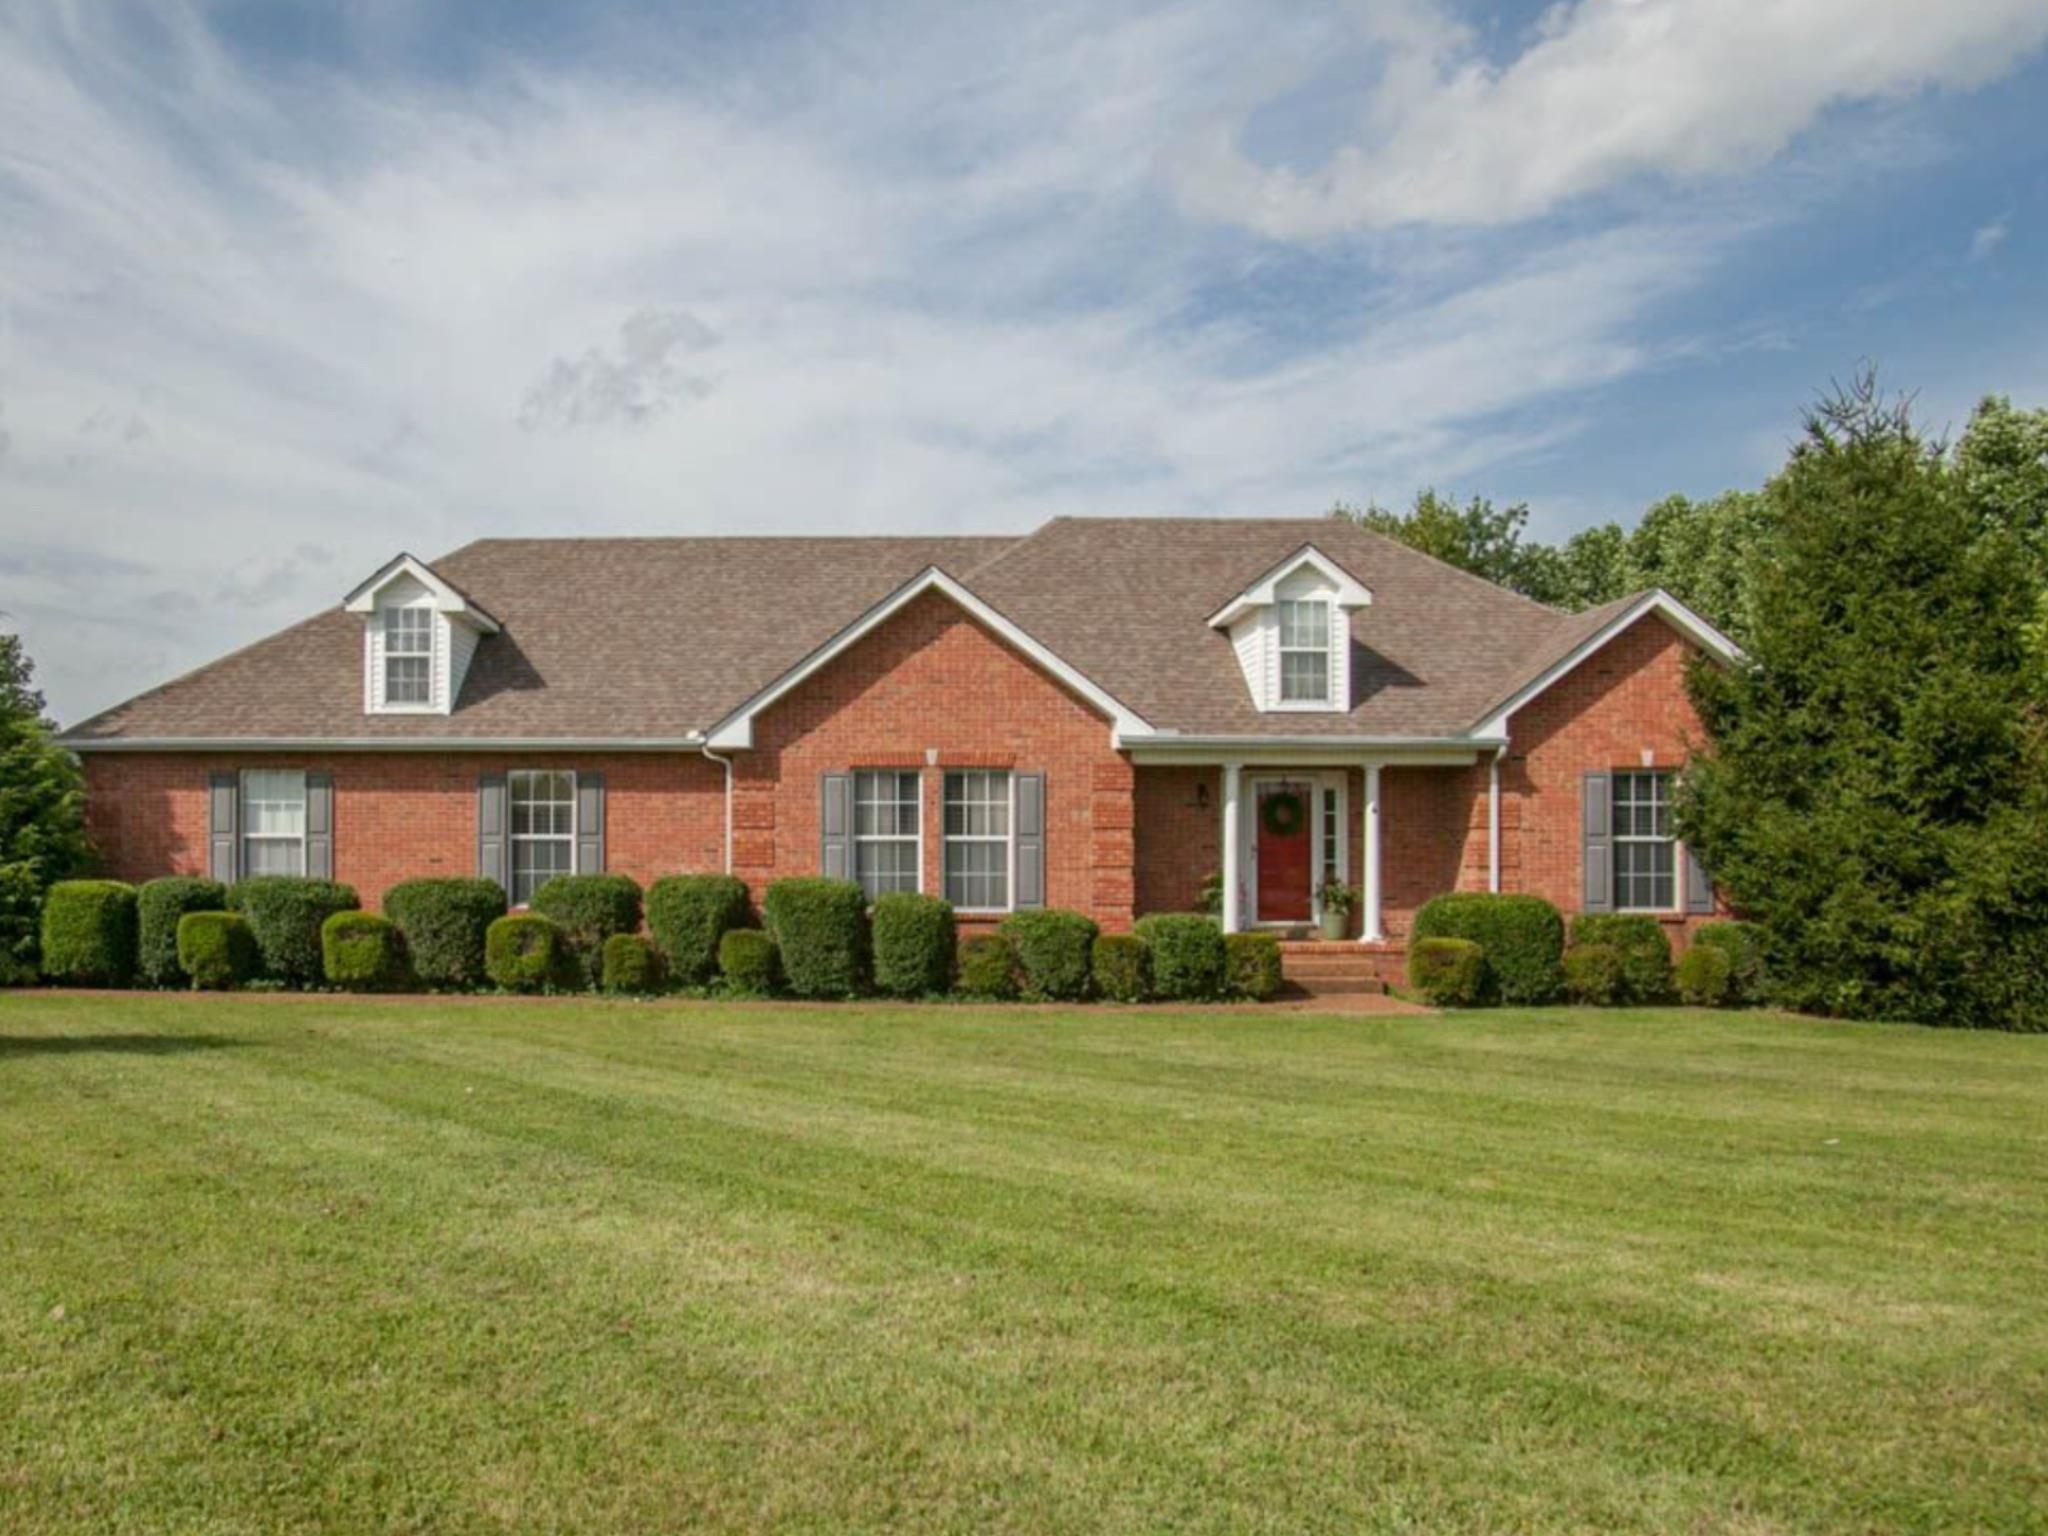 8972 Cedar Grove Rd, Cross Plains, TN 37049